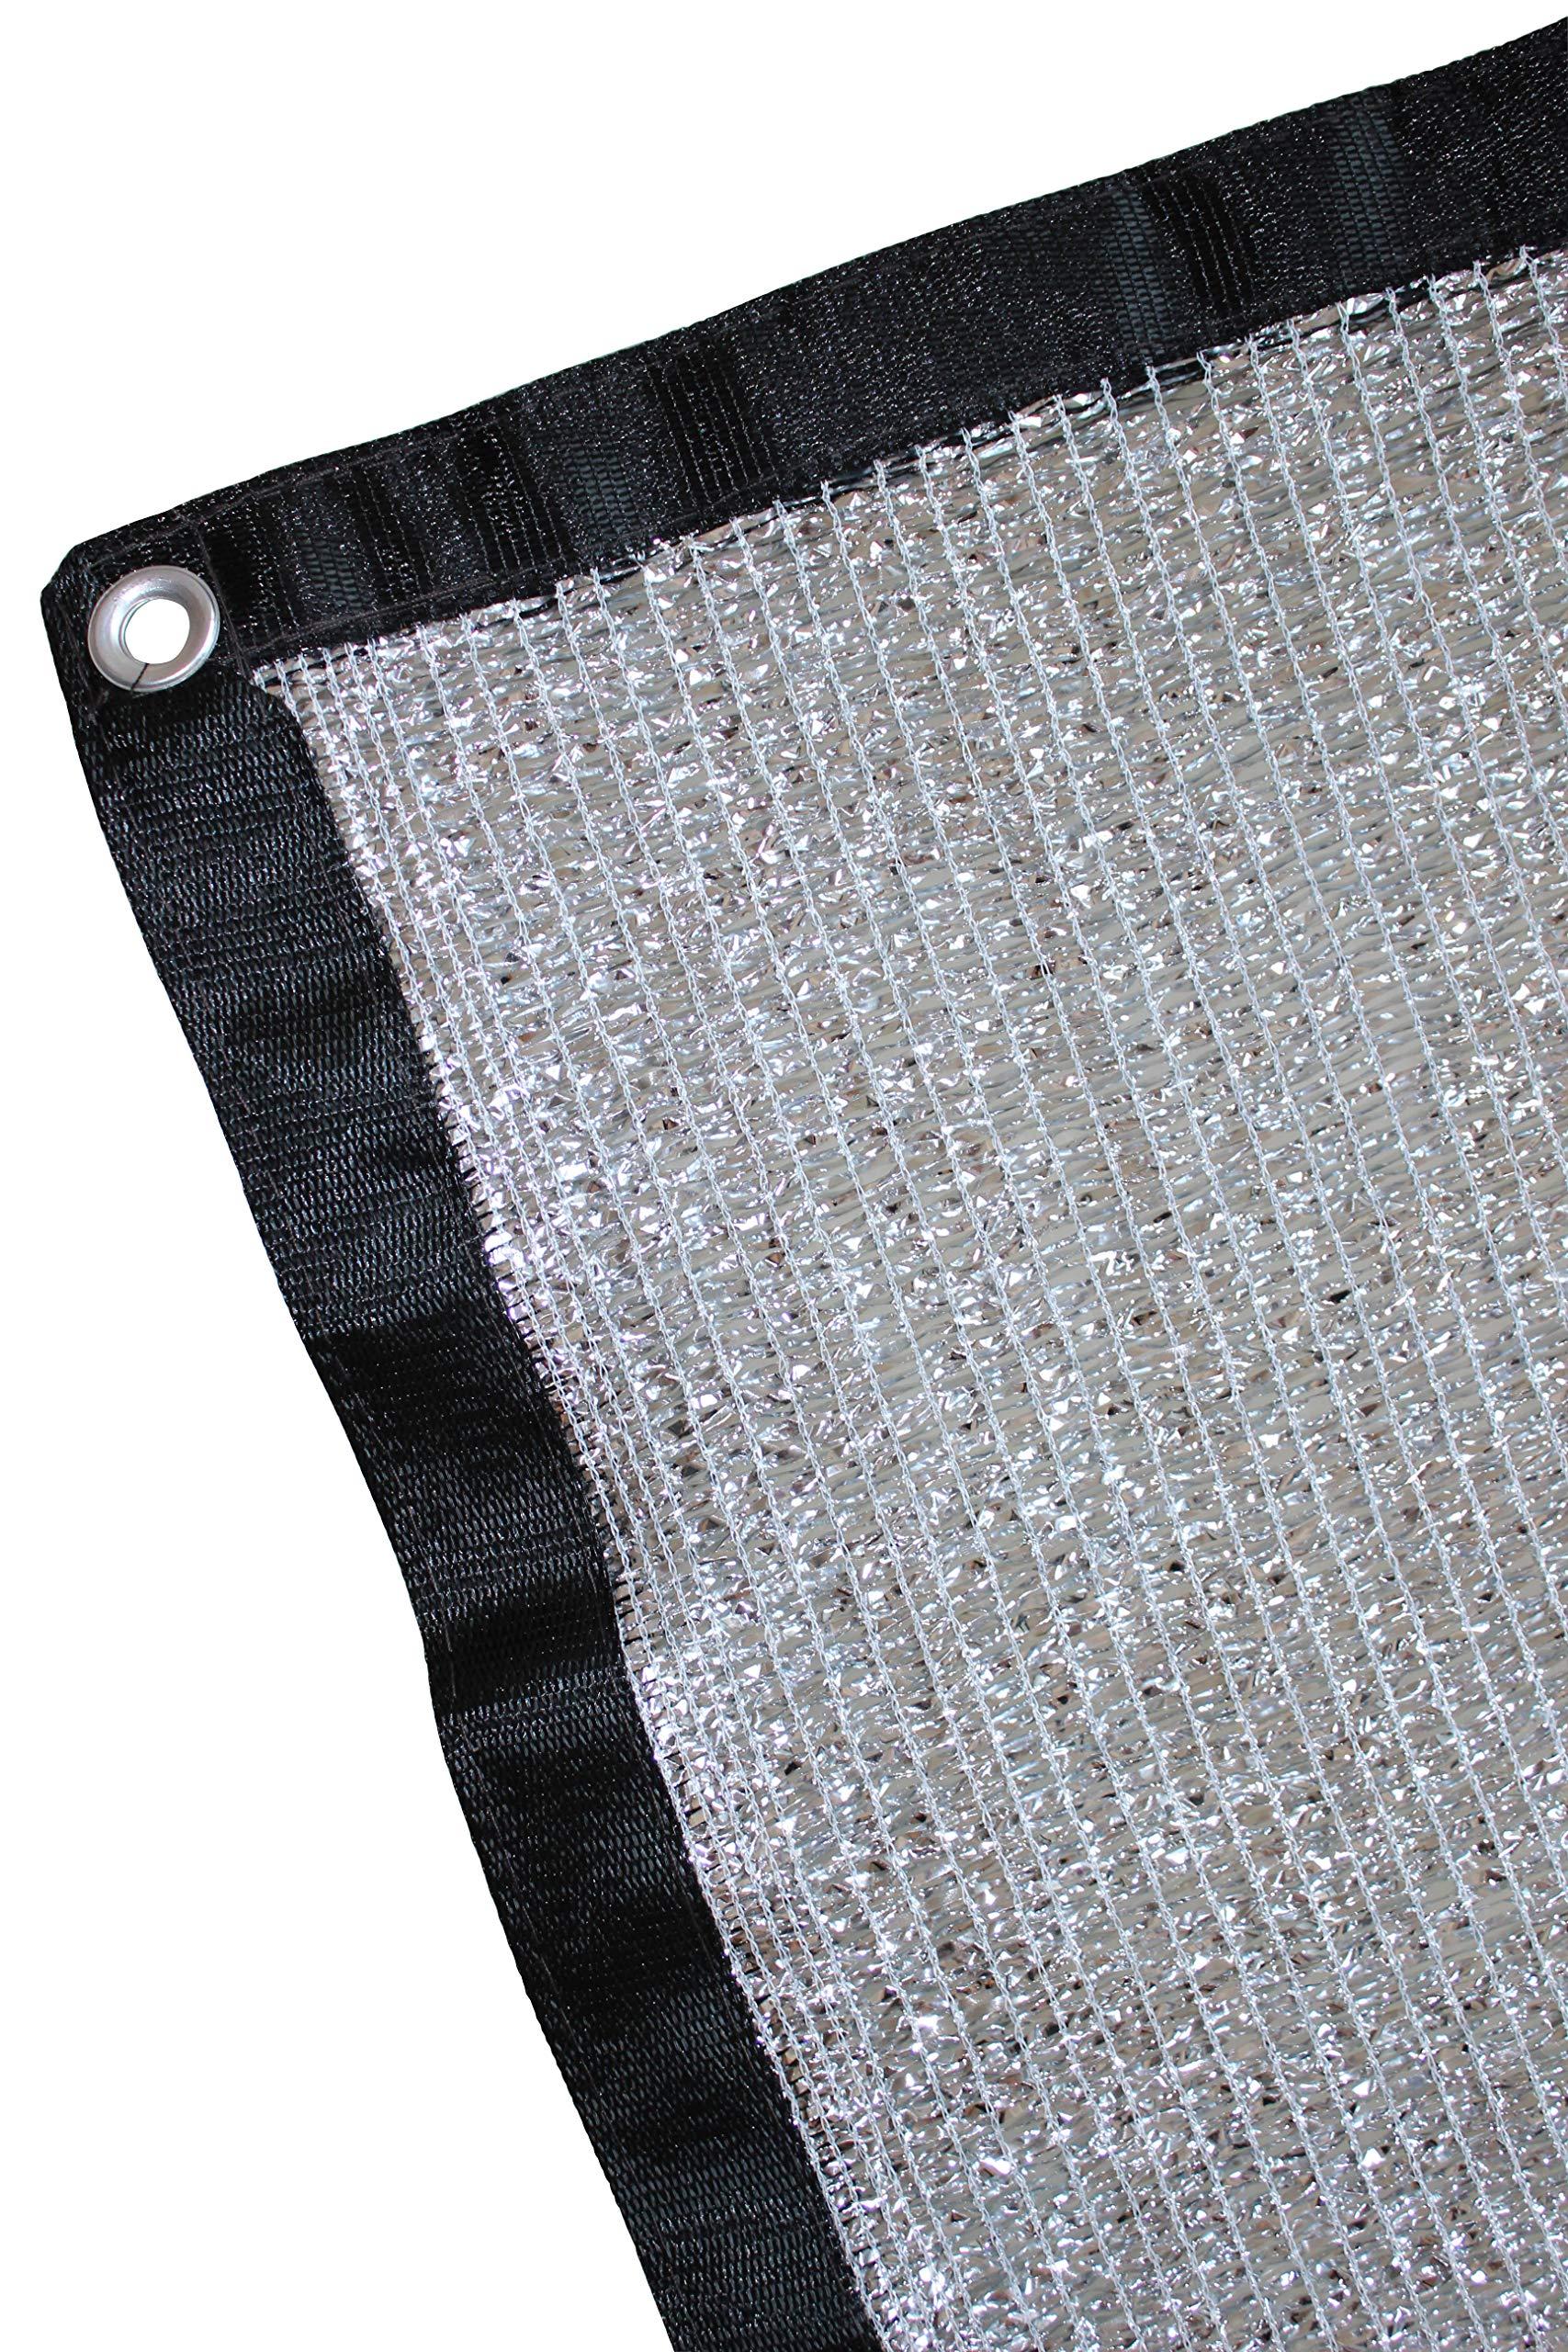 Jesasy 70% 6.5 ft x 8 ft Aluminet Shade Cloth